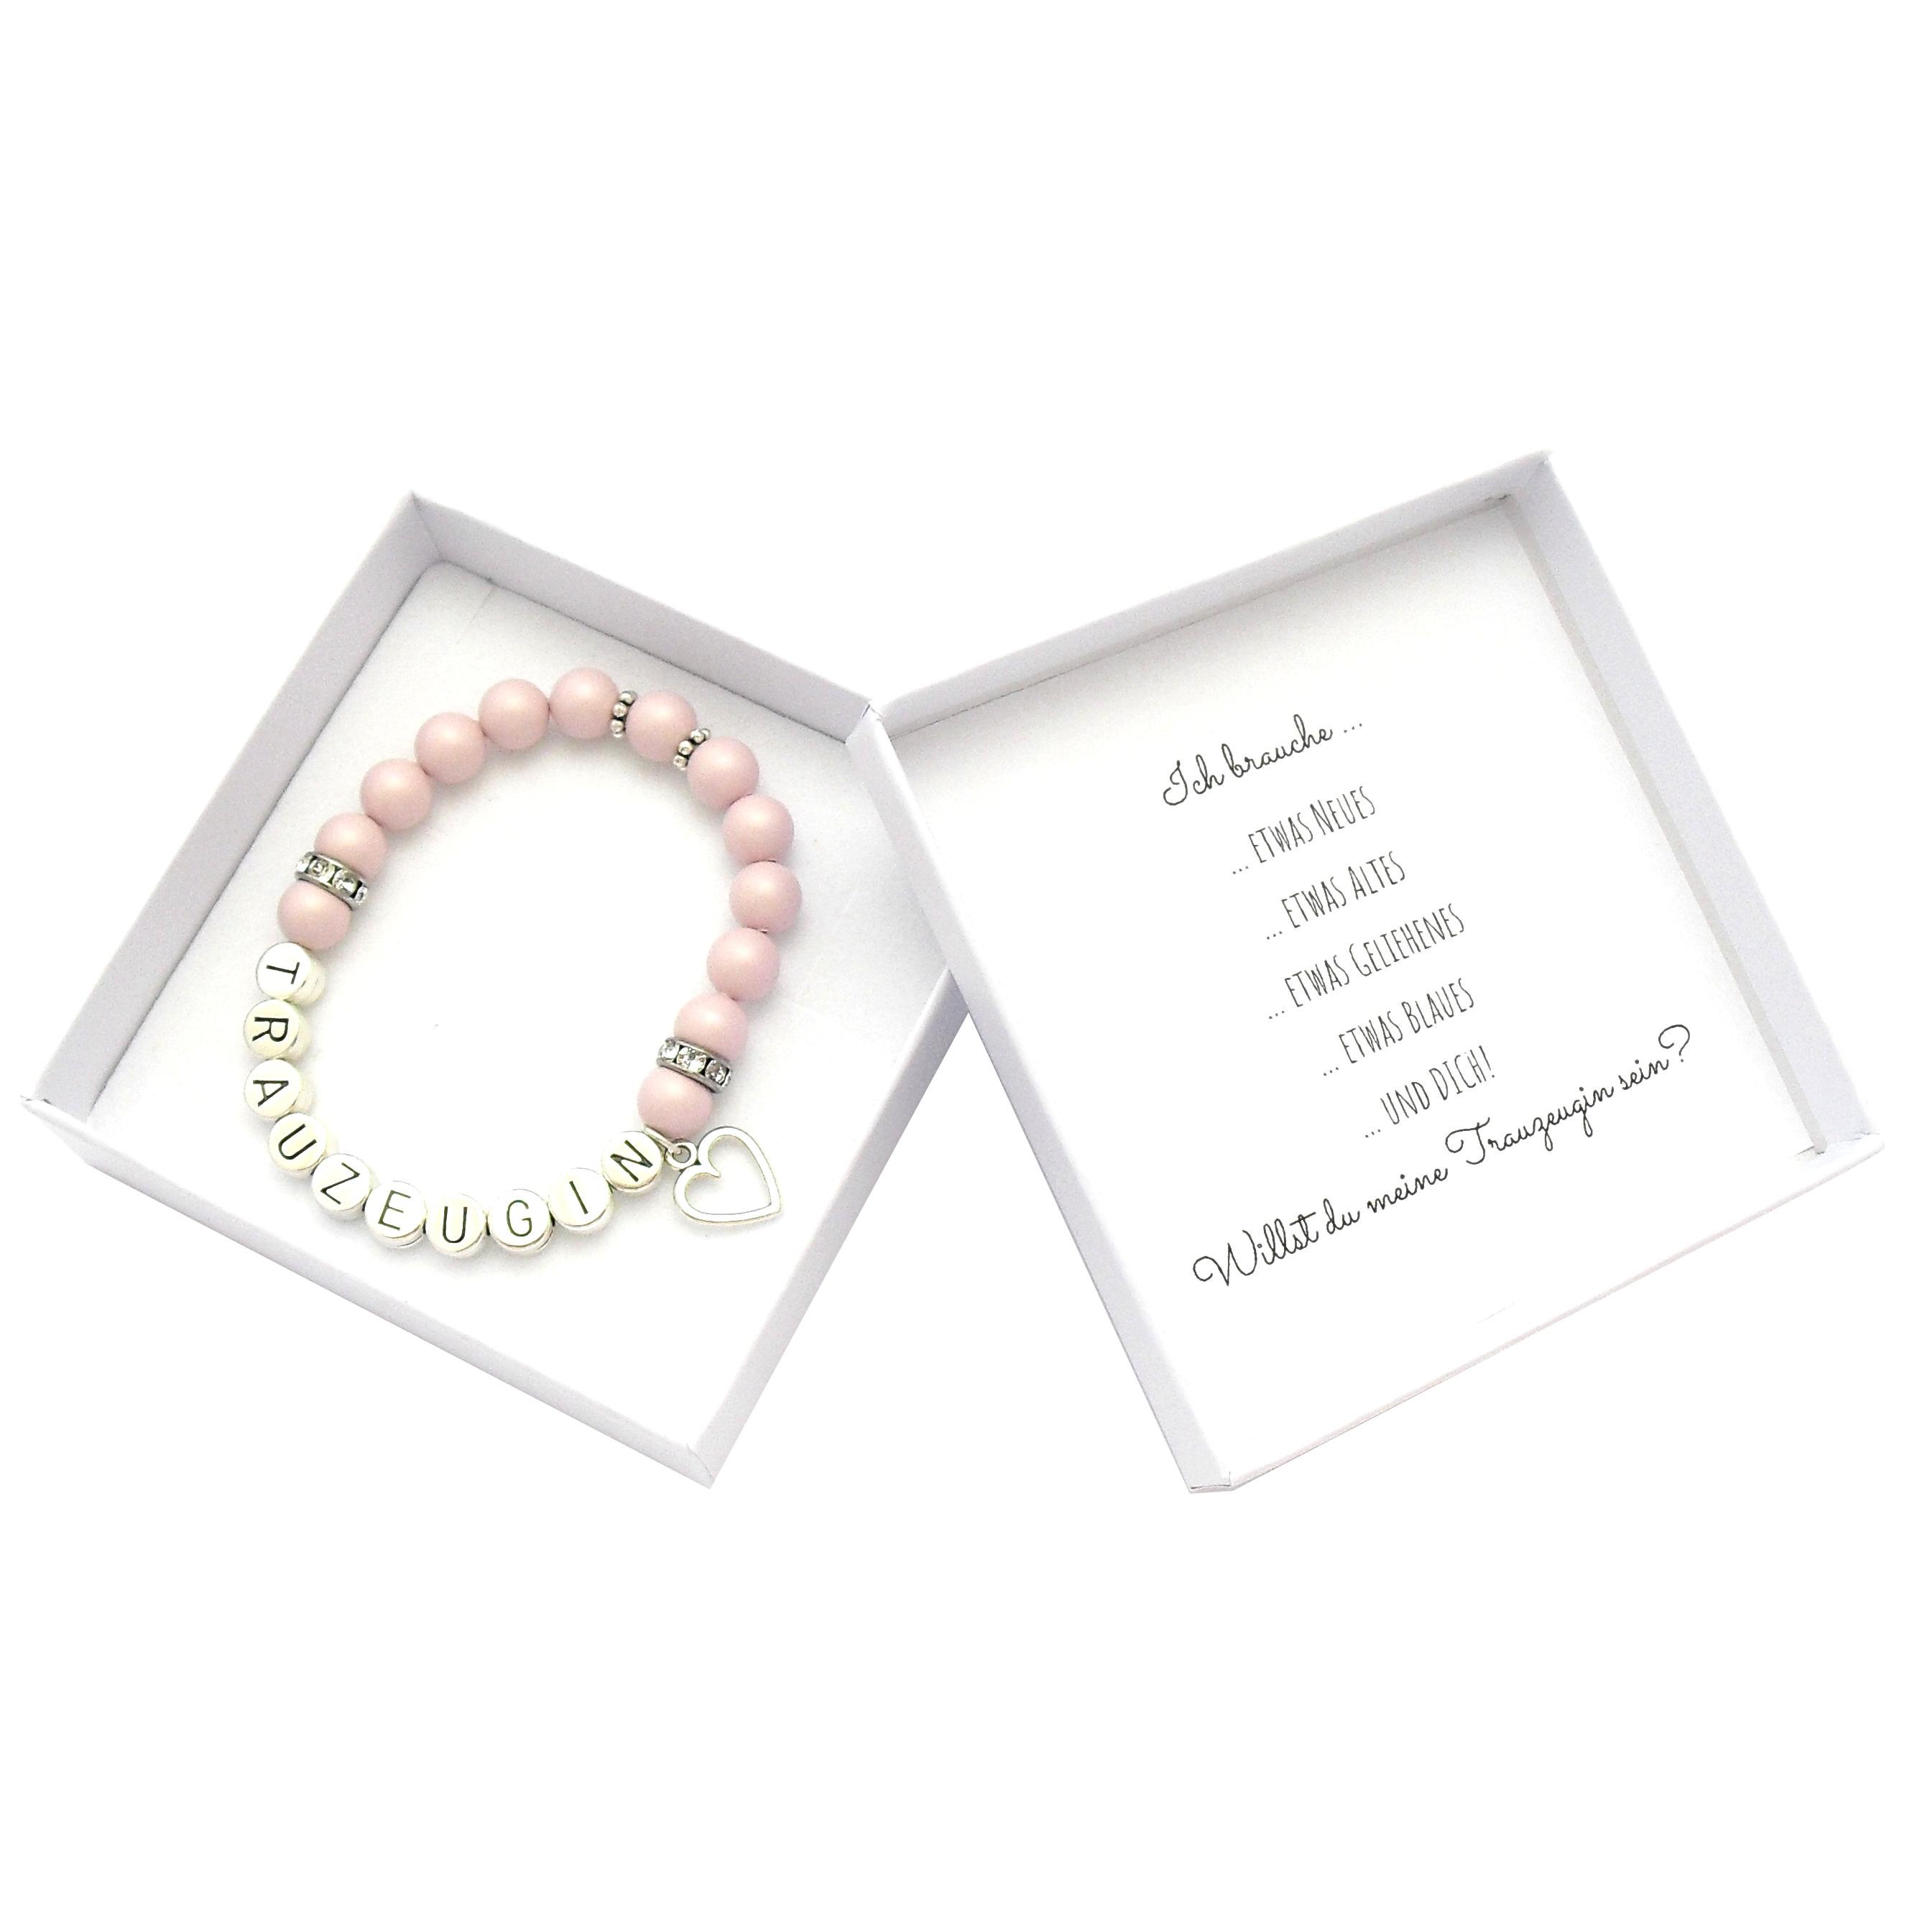 Armband Trauzeugin fragen Hochzeit Perlen weiss in Geschenkschachtel Wunschtext